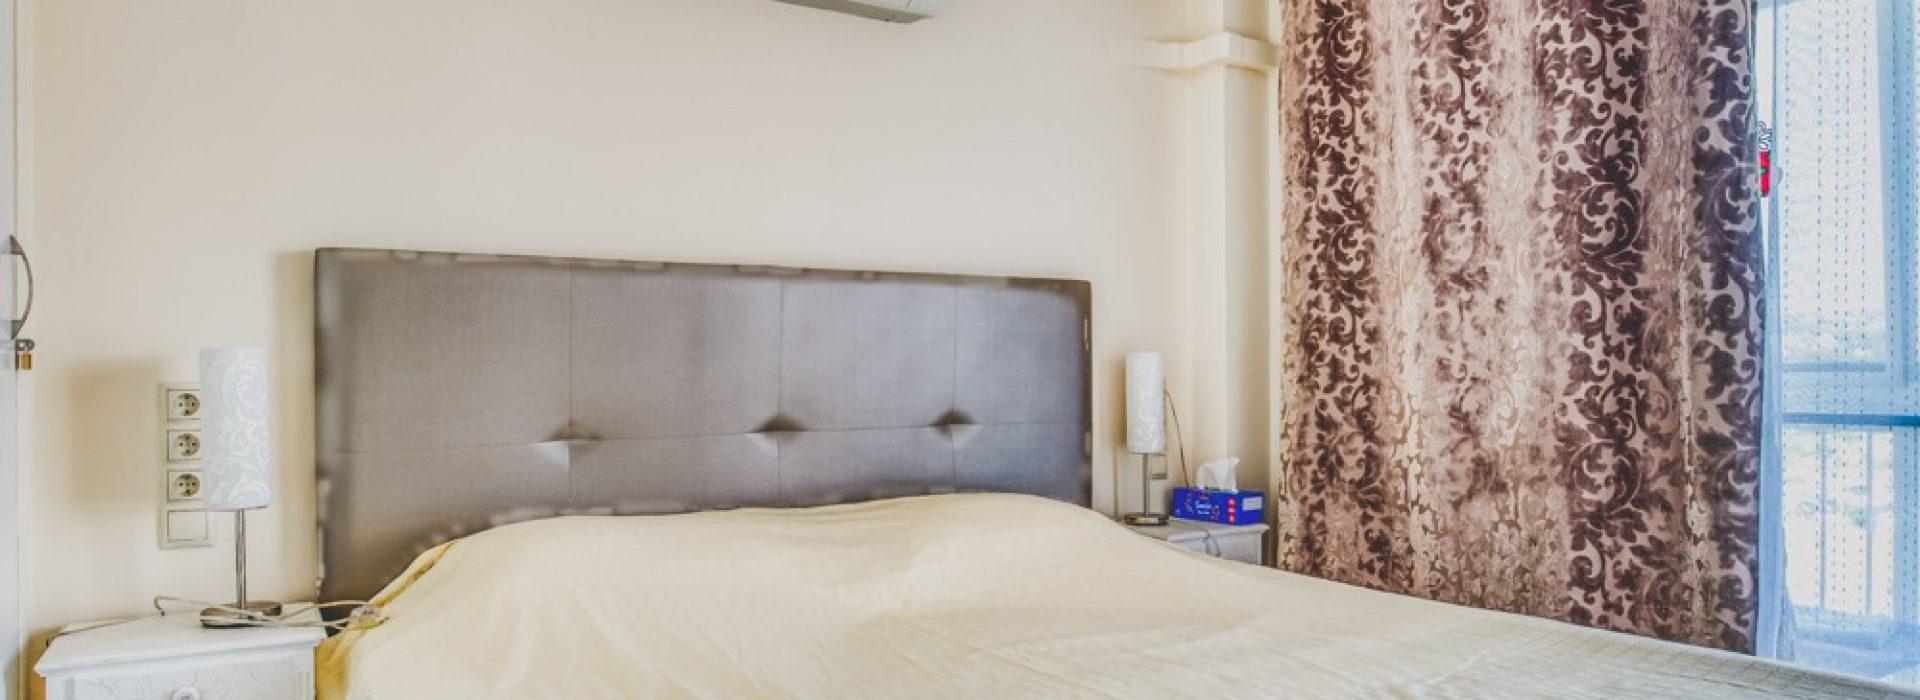 piekny-apartament-z-widokiem-na-jezioro-i-morze-w-calpe-4-24125